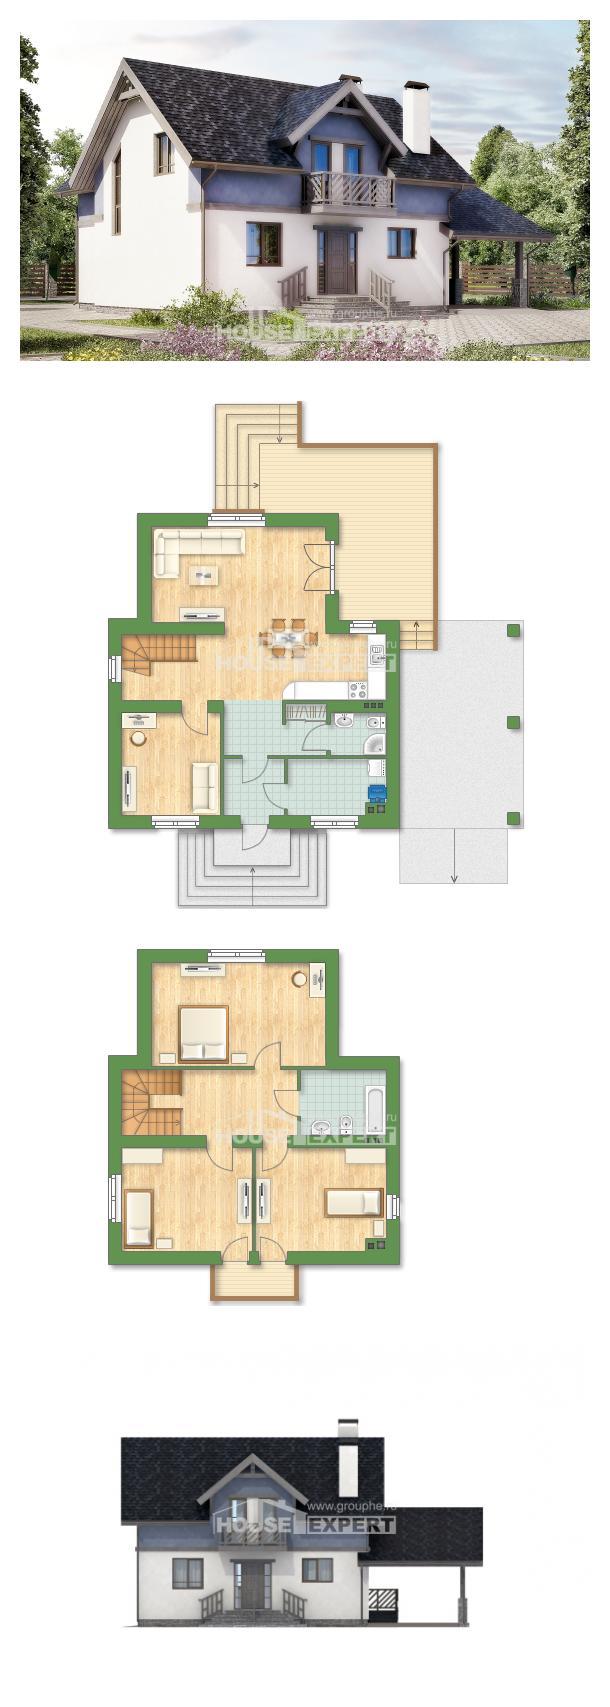 Проект дома 150-011-П | House Expert